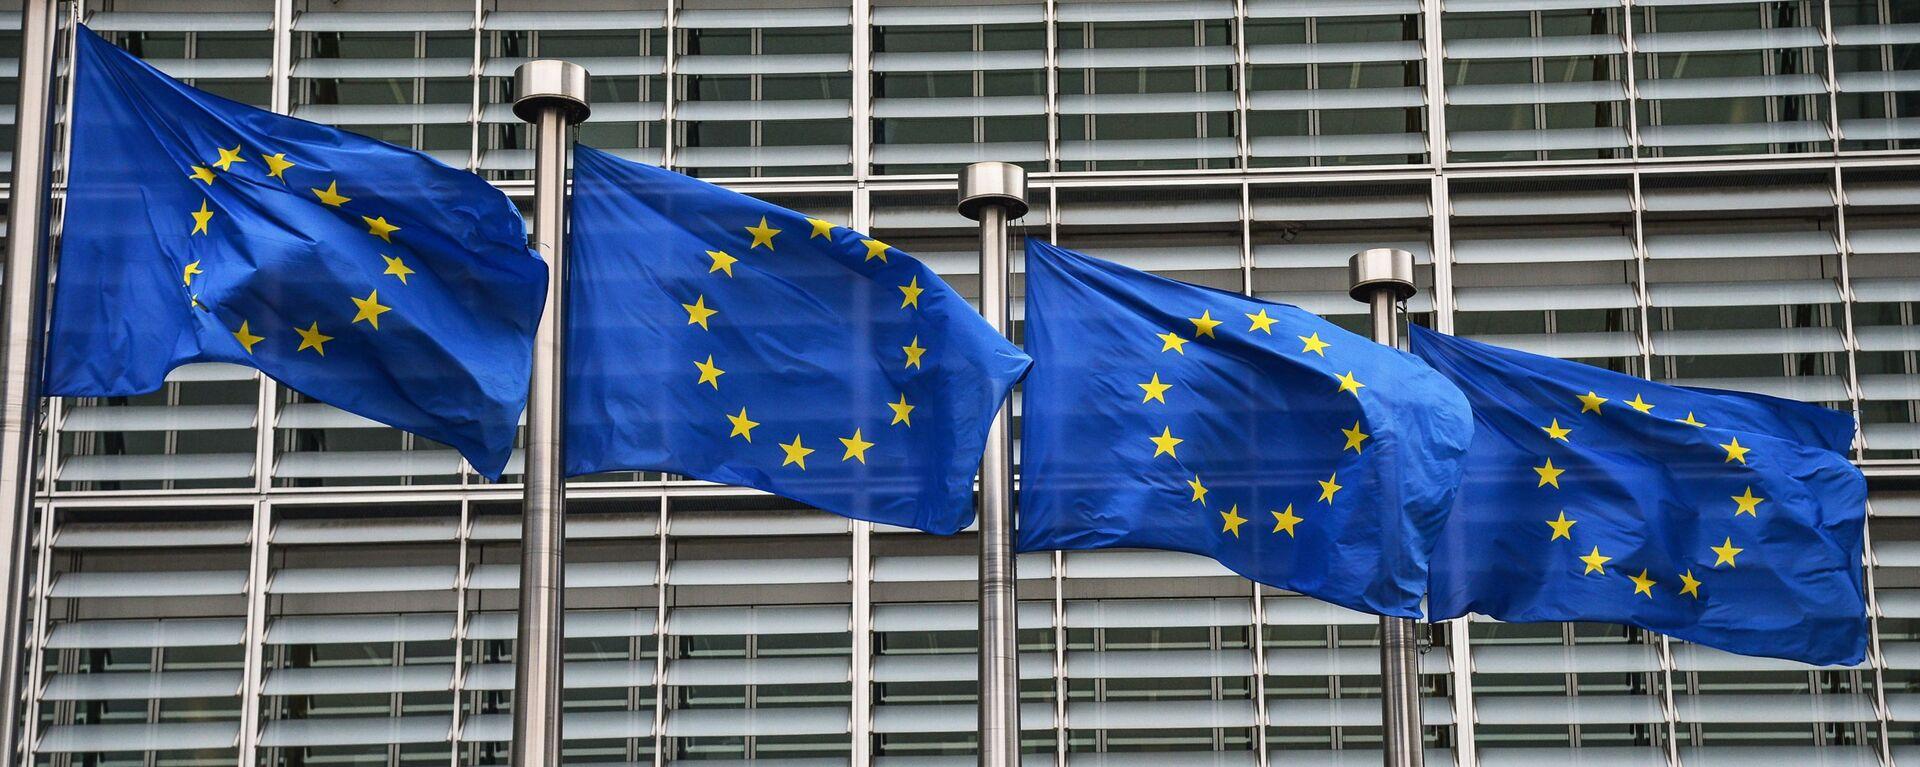 Bandiere dell'UE a Bruxelles - Sputnik Italia, 1920, 19.02.2021